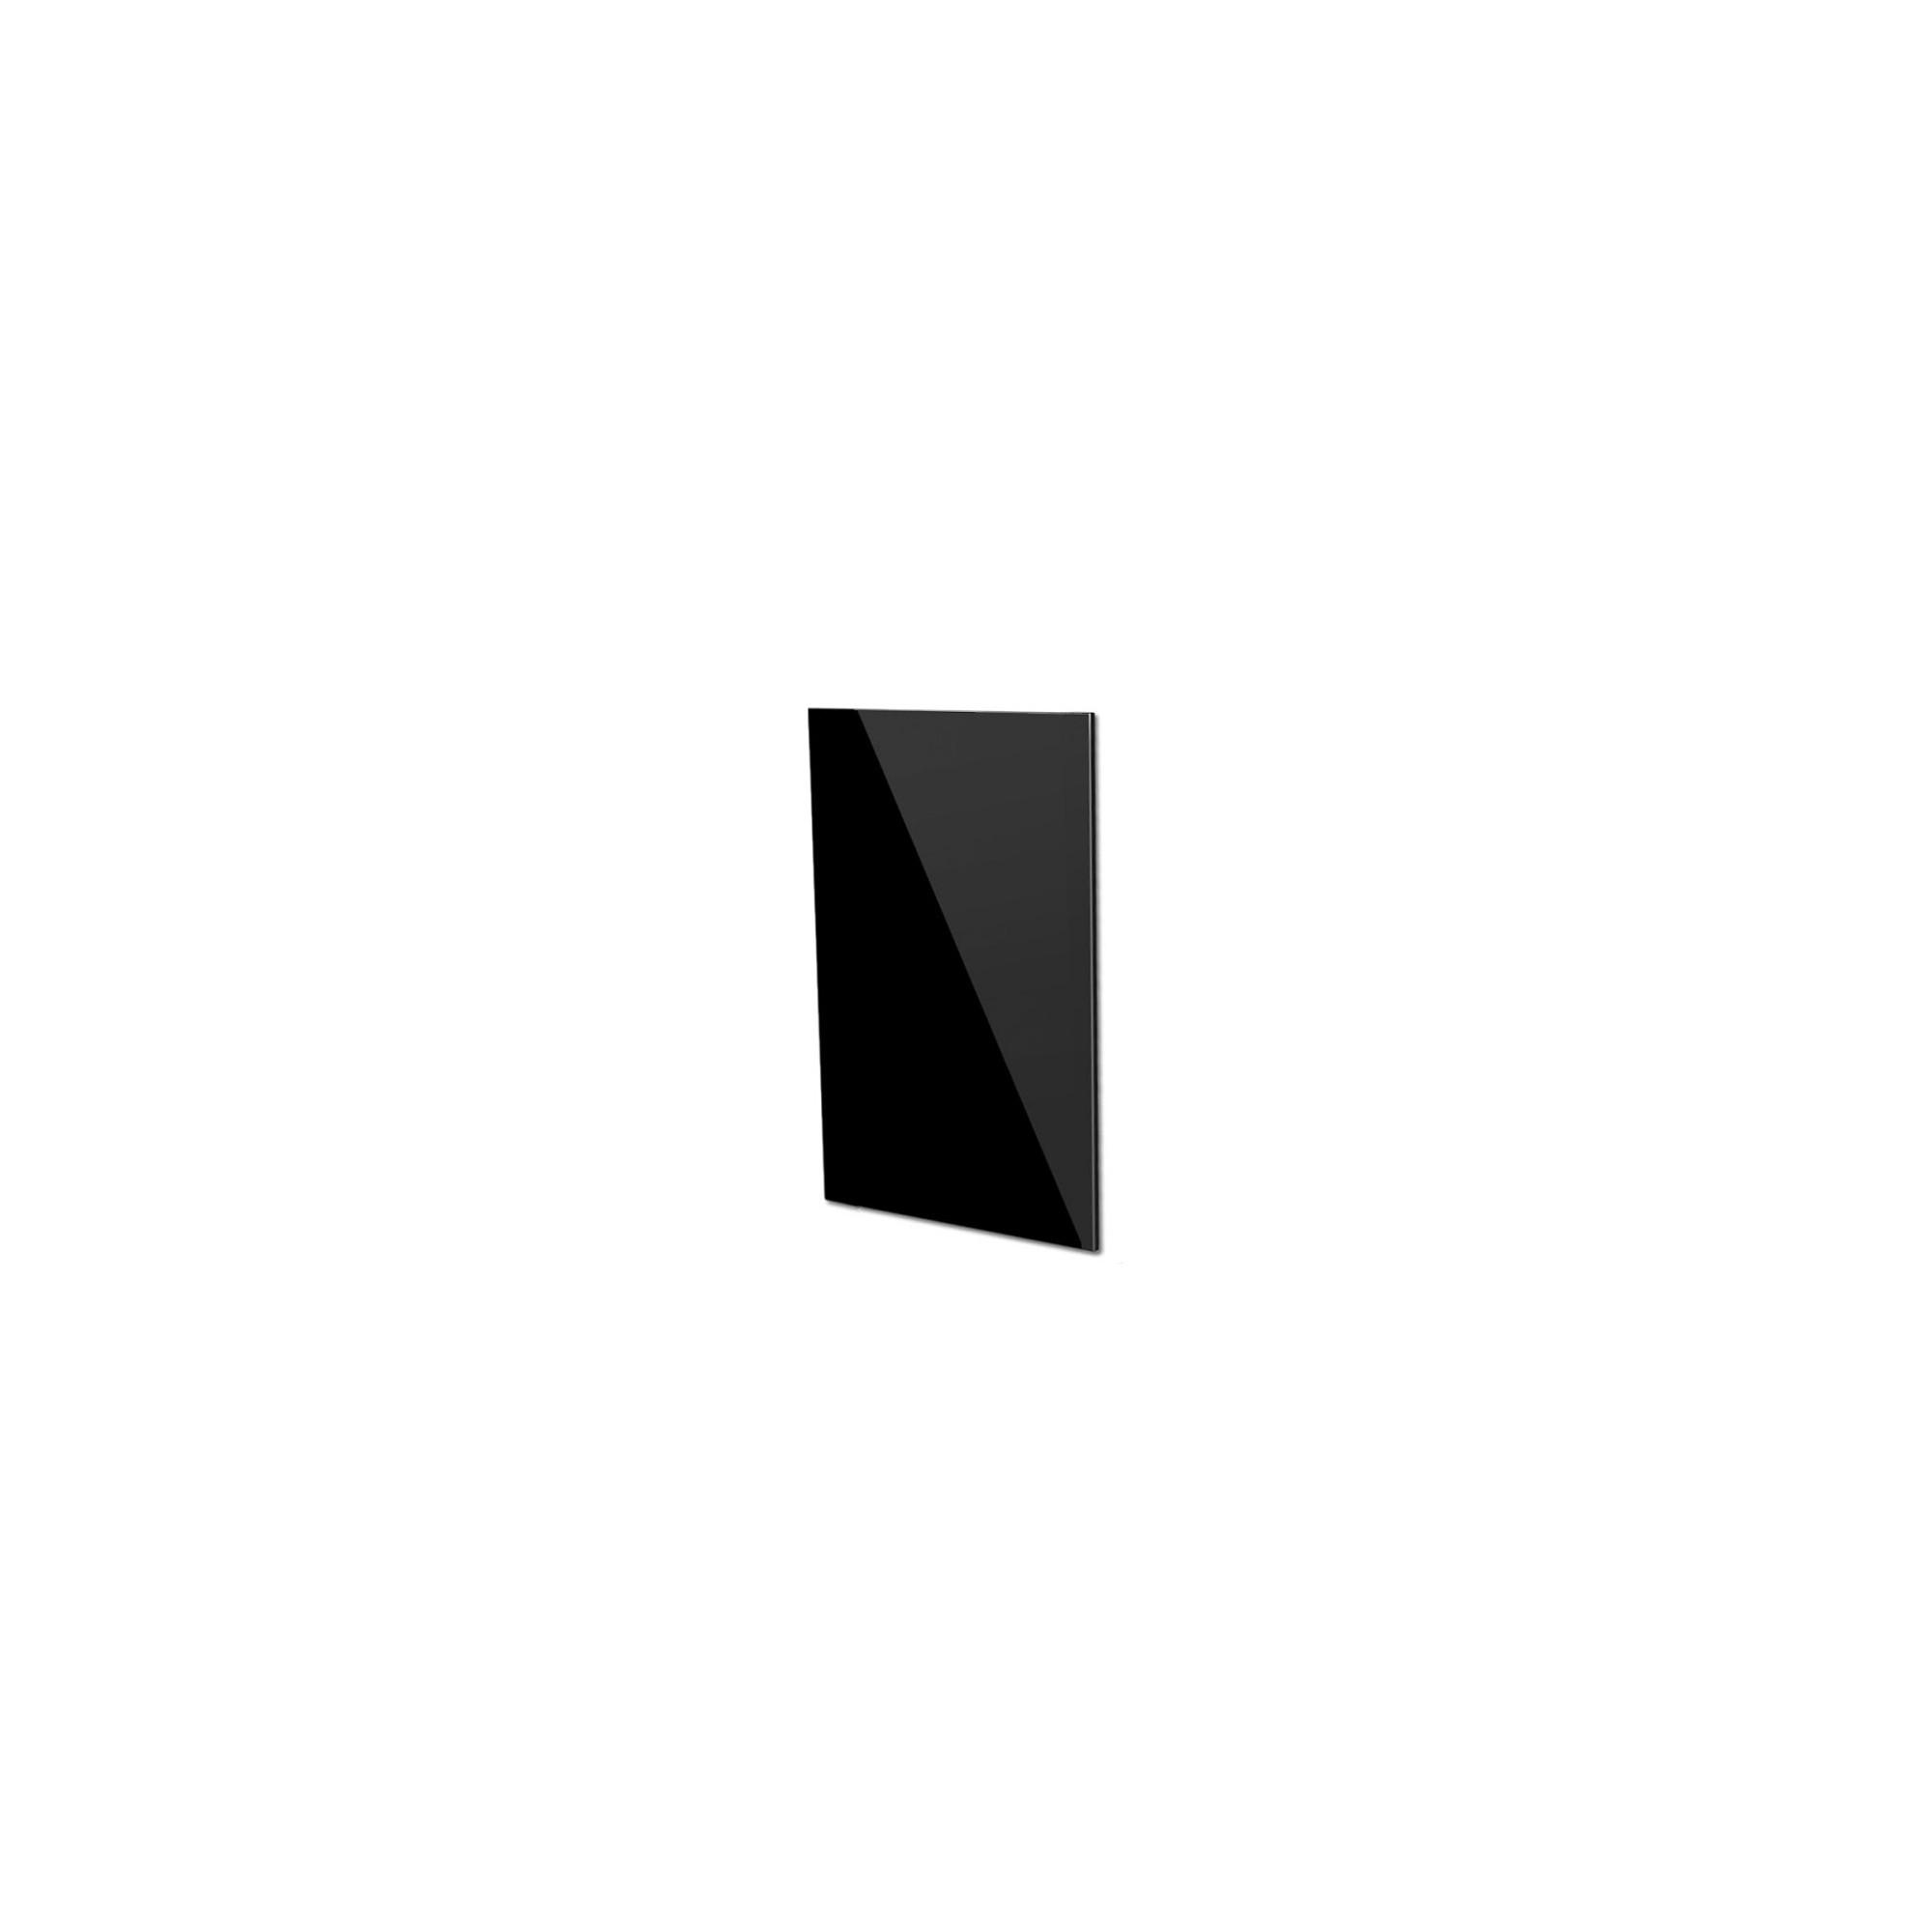 BLACK BACK GLASS KT85MD (217X480 MM)